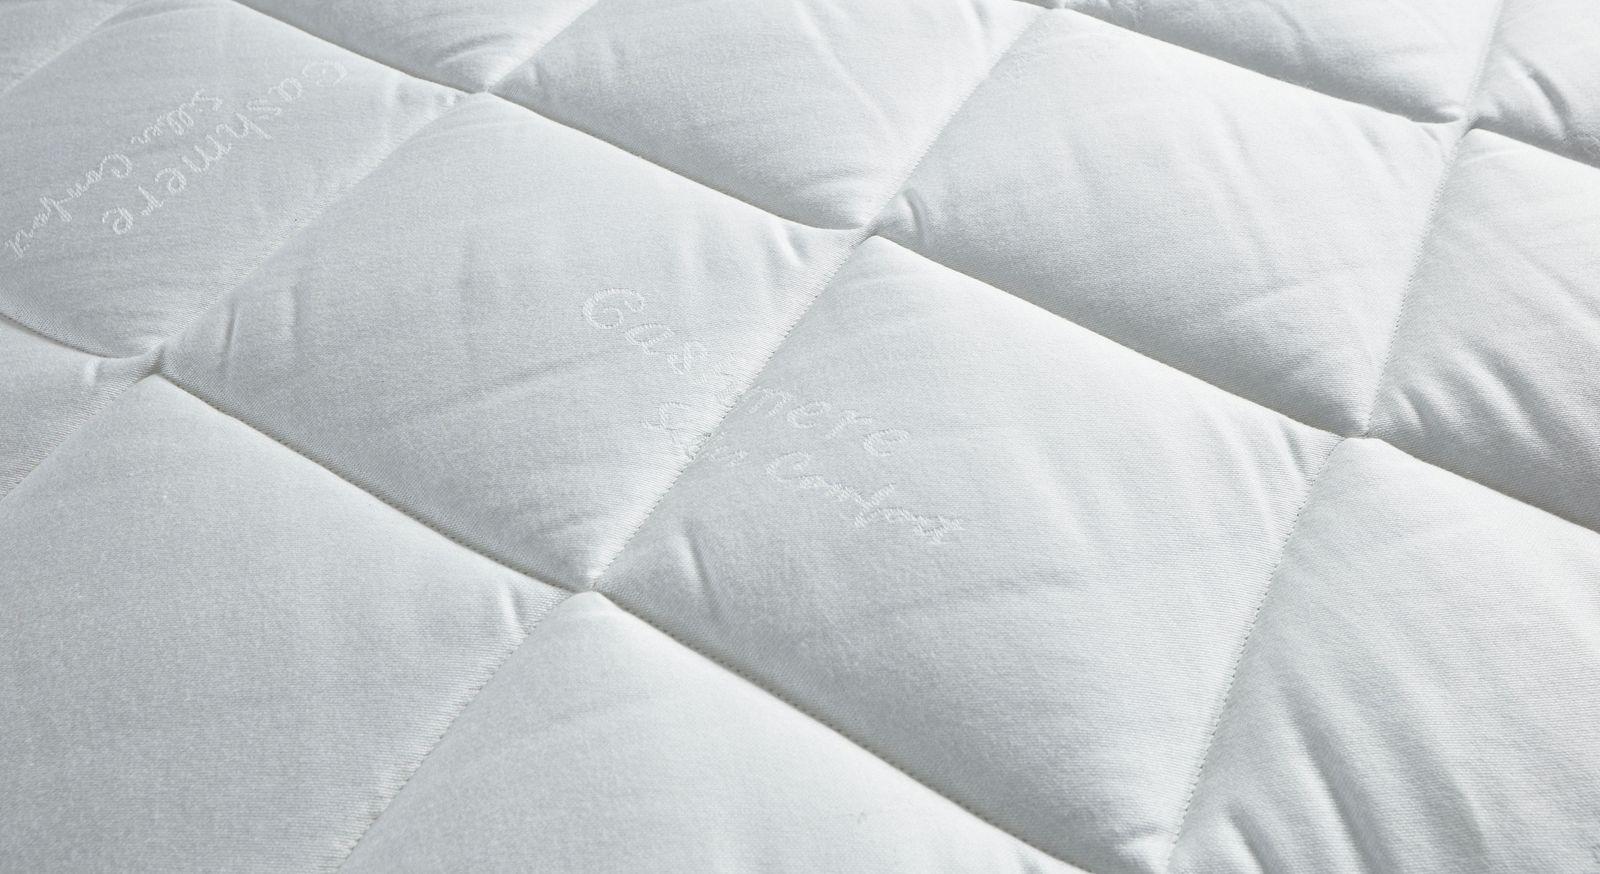 Alternativ-Matratzenbezug Cashmere Mehrpreis mit abnehmbarer Oberfläche